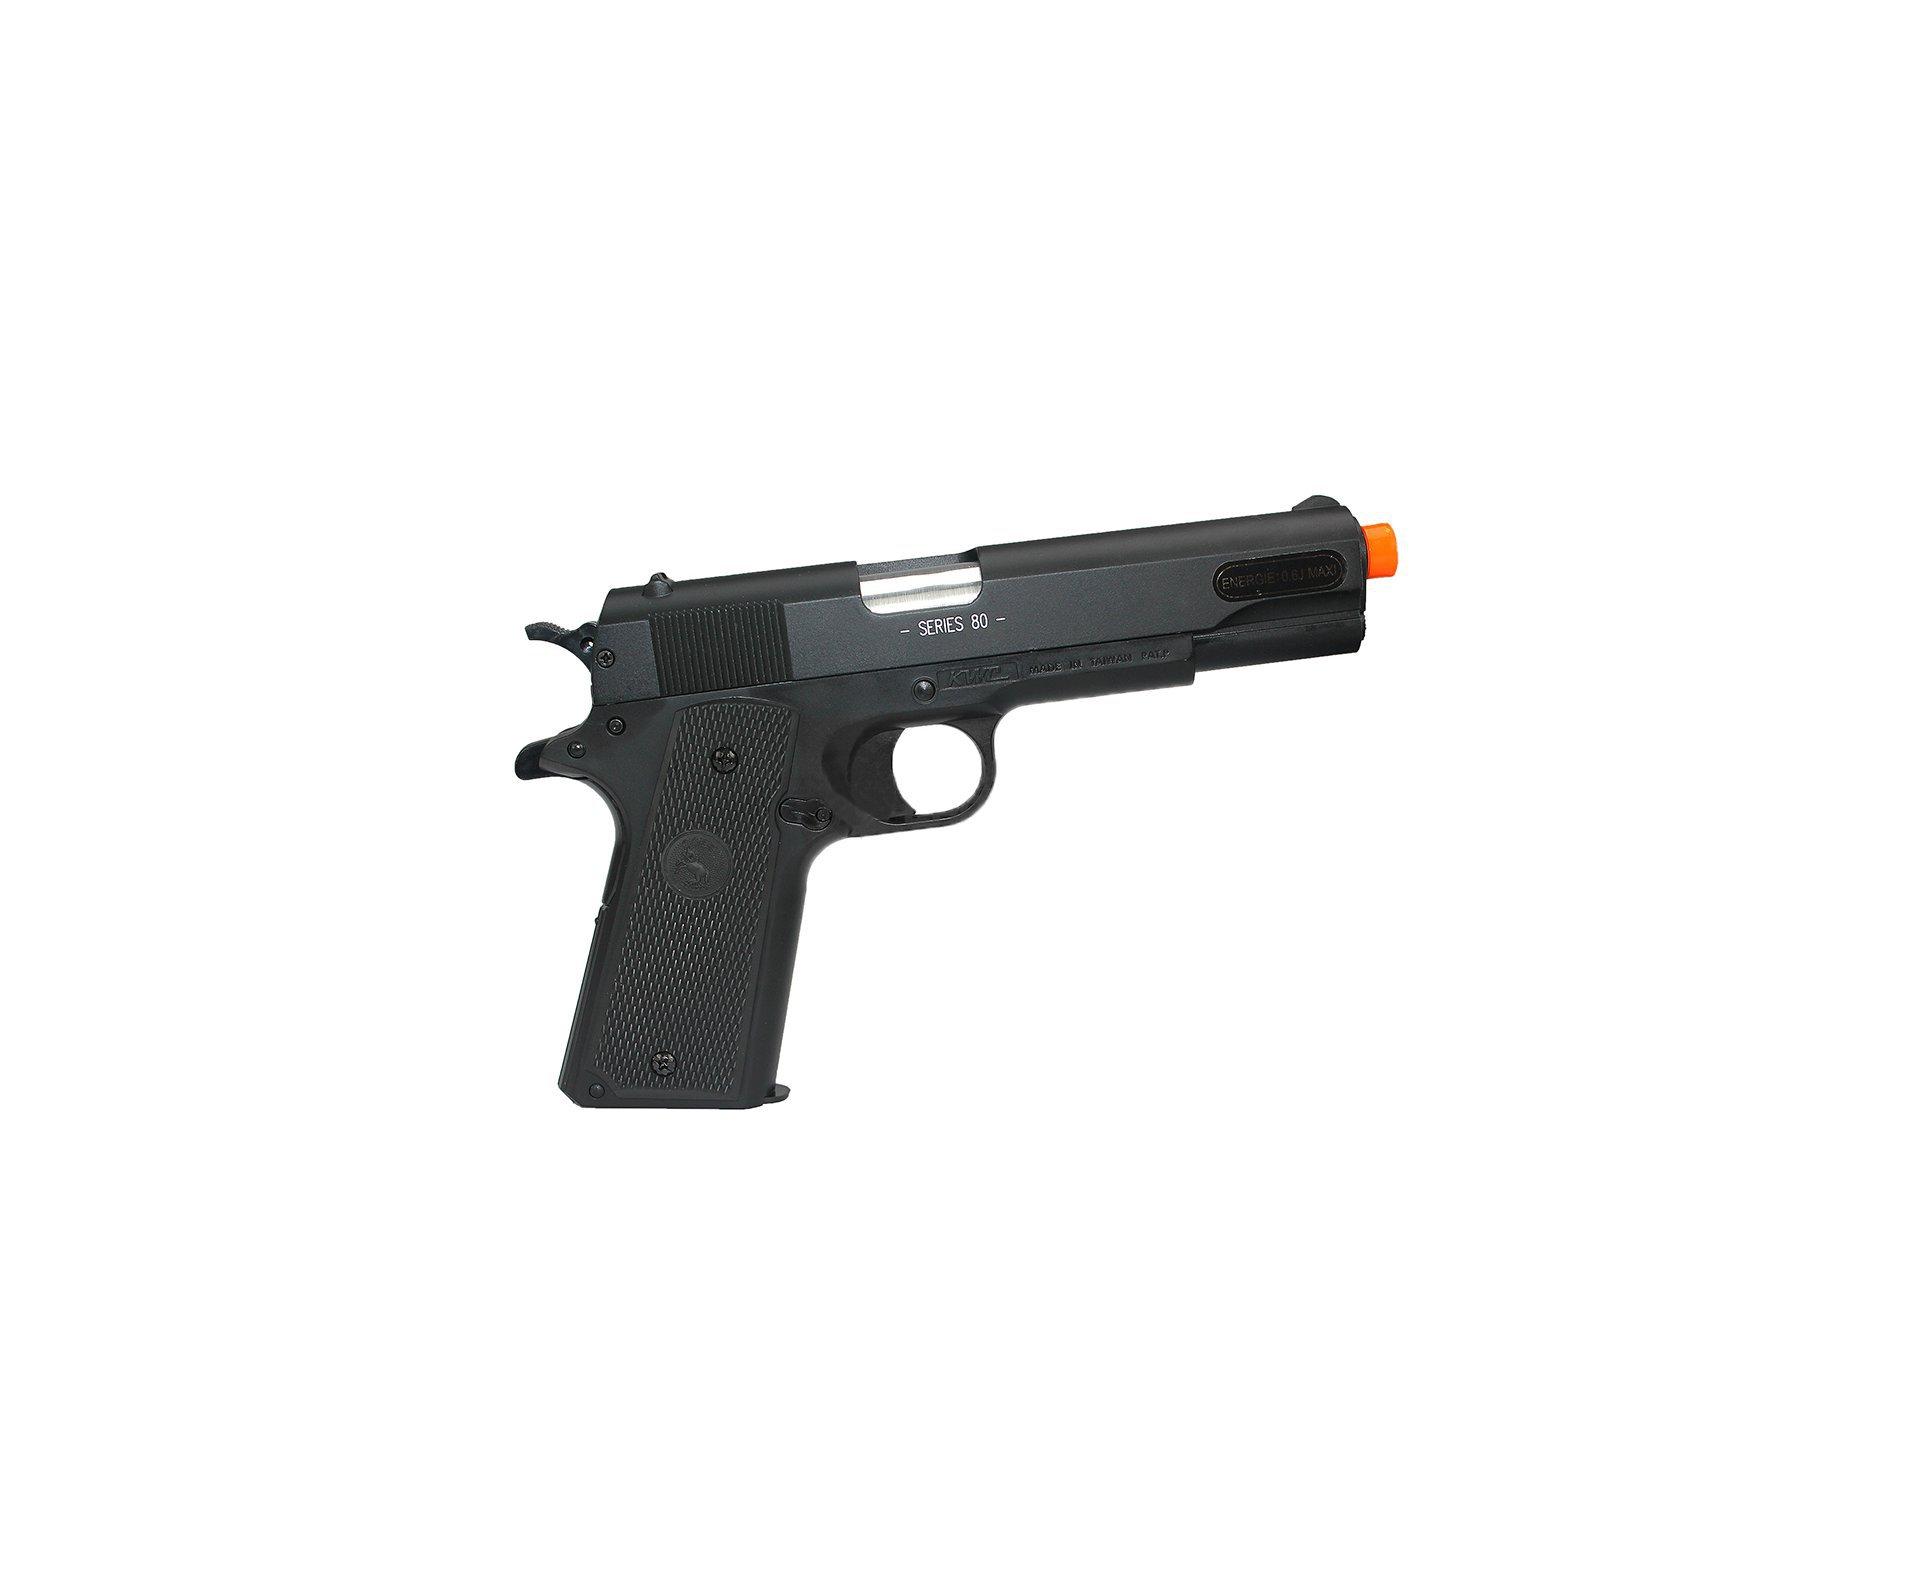 Pistola De Airsoft Colt 1911 A1 - Semi Metal - Calibre 6,0 + 4000 Esferas 0,12g + Capa Especial